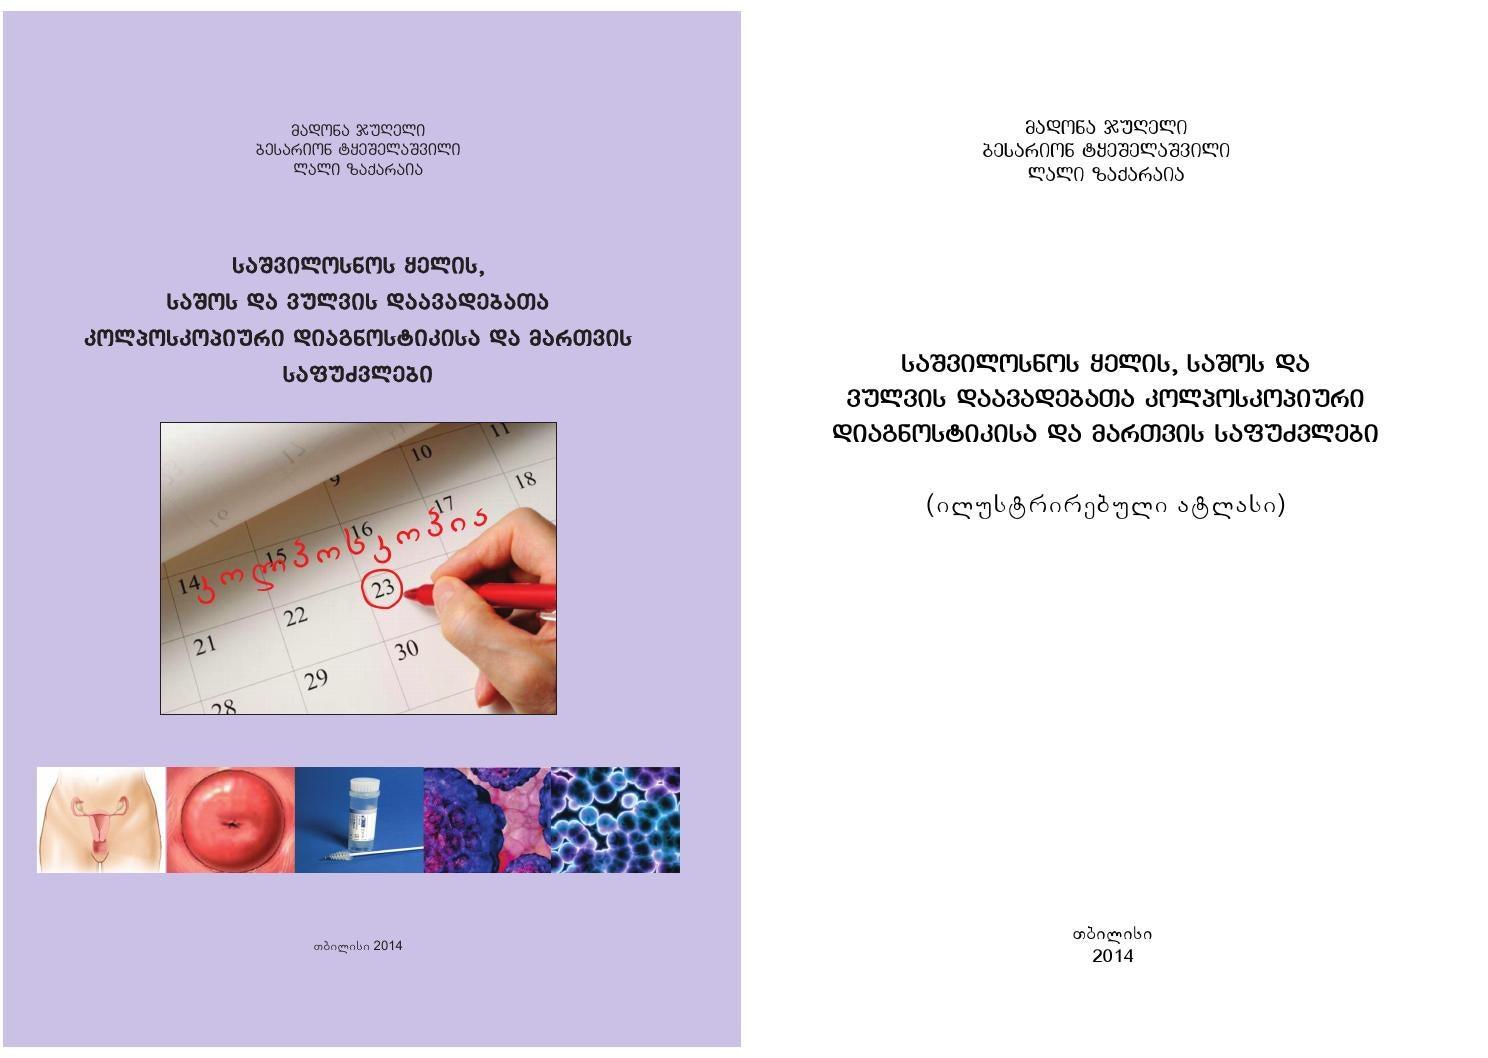 hpv diagnózis nhs condylomata acuminata hpv típusok